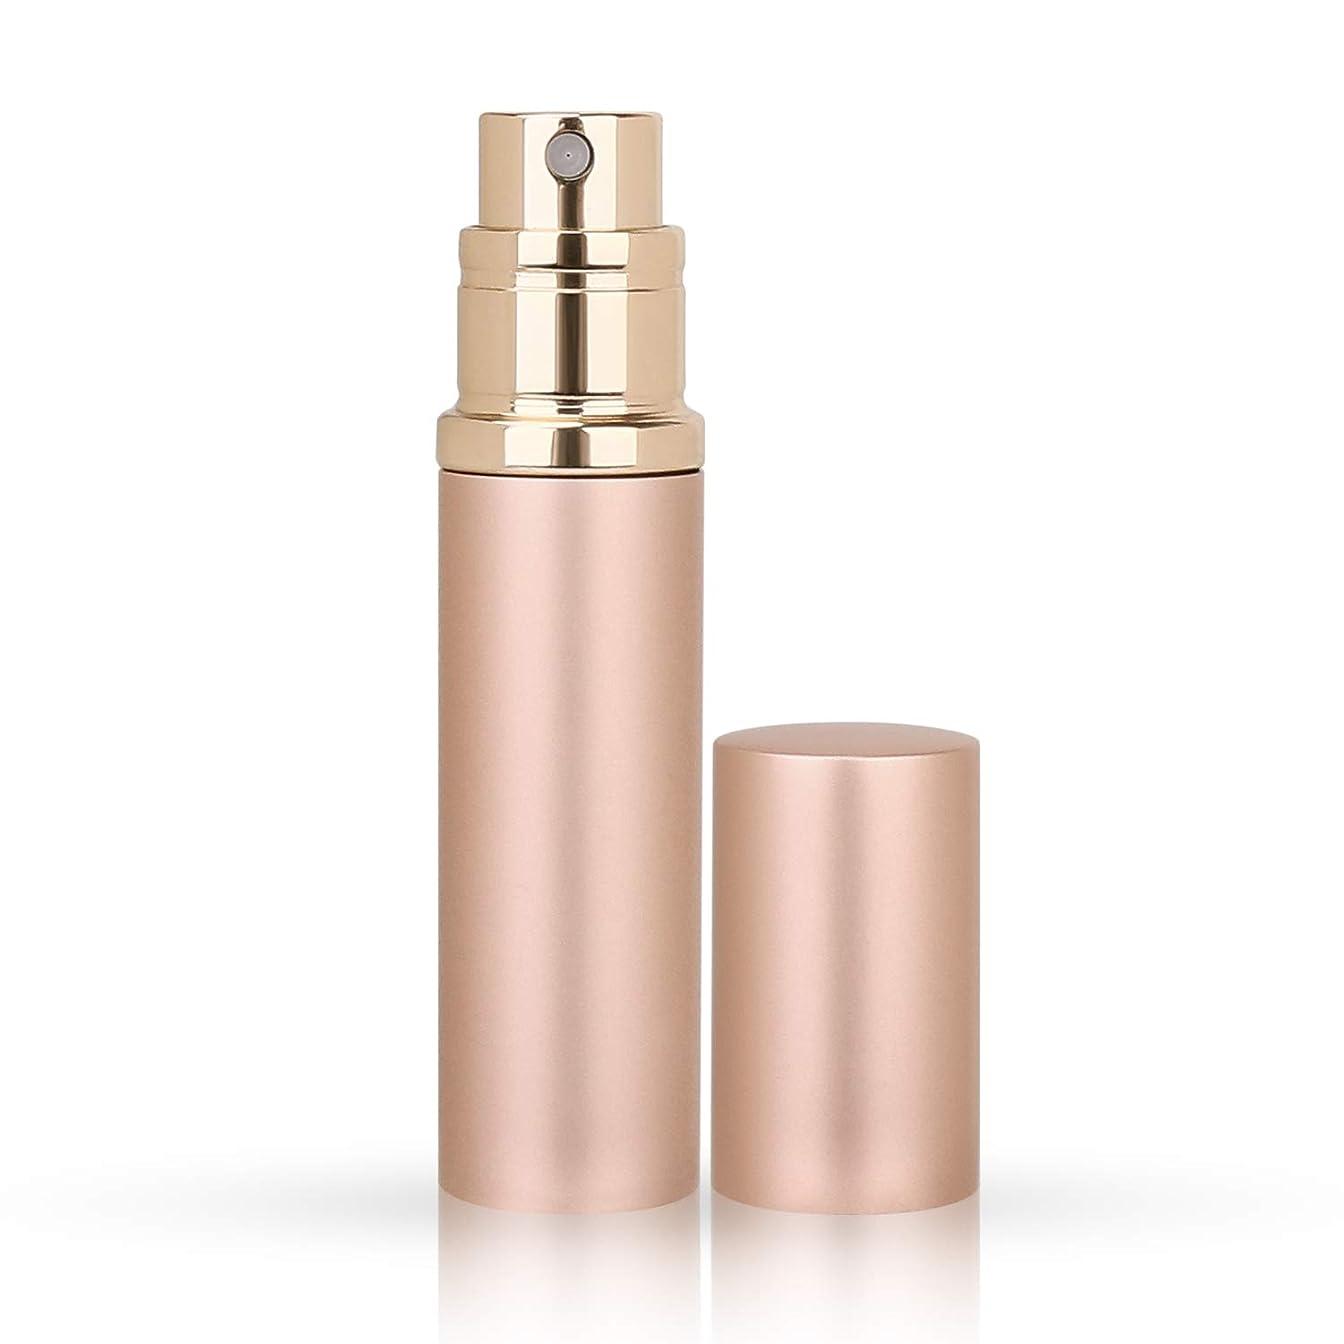 スタック音プレーヤーMOOMU アトマイザー 香水スプレー 噴霧器 詰め替え容器 底部充填方式 携帯用5ml (ローズゴ-ルド RoseGold)